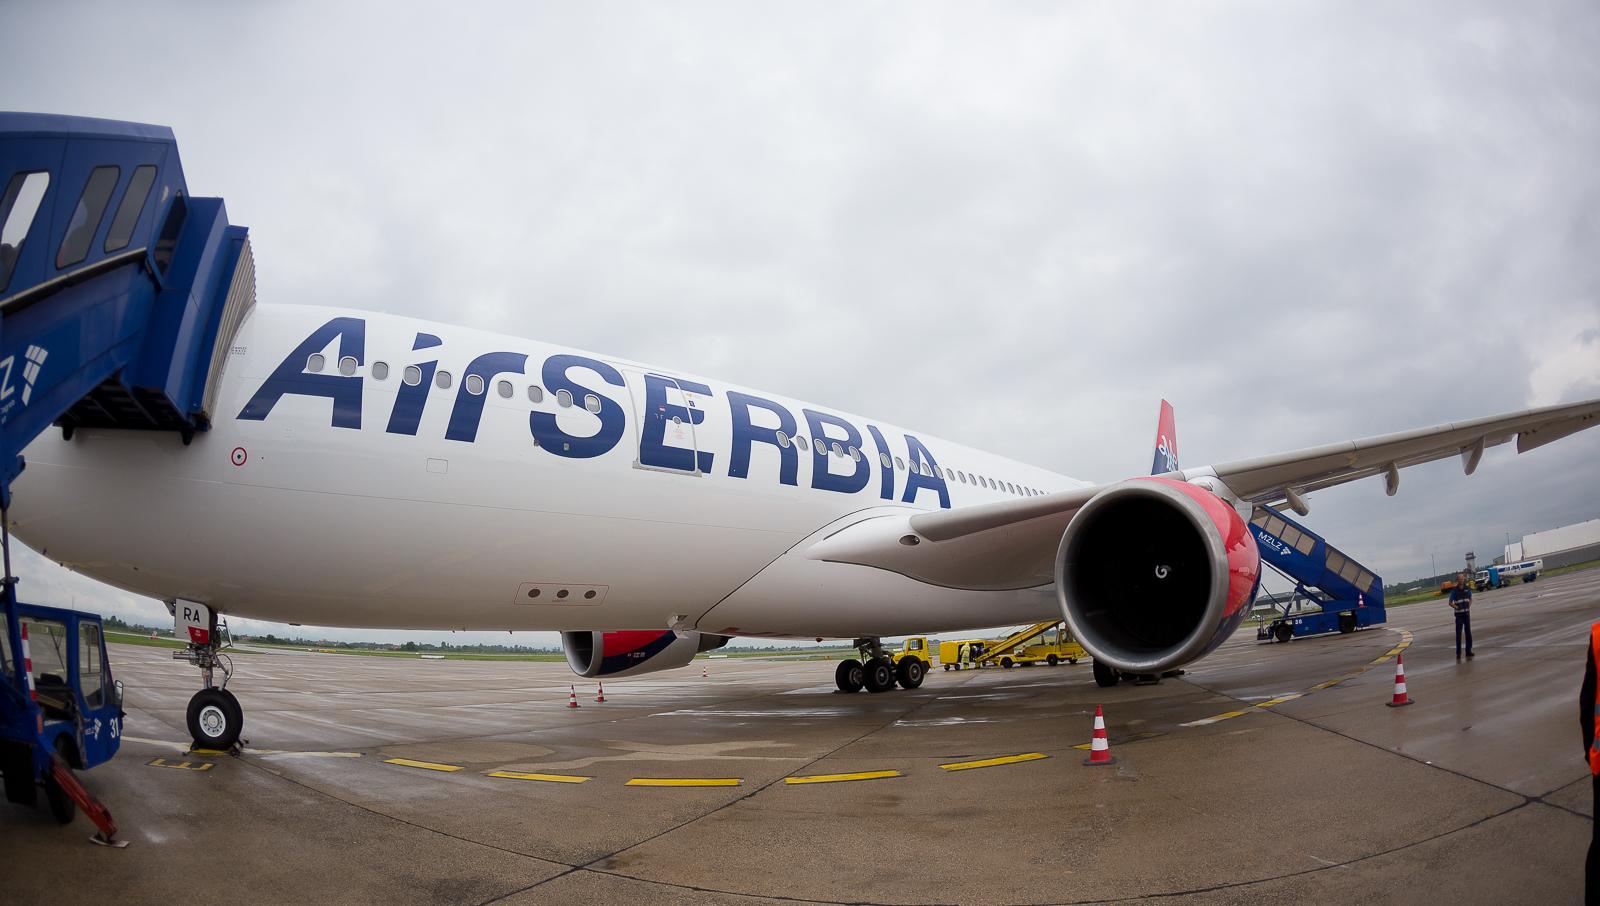 Pred povratak nazad za Beograd. Letovi sa A330 do aerodorma u regionu obavljaju se zbog zahteva da avion mora pre prvog leta za Njujork odraditi 40 sektora (letova). Najjeftinije je da se takve operacije obavljaju na najbližim aerodormima koji mogu prihvatiti avion / Foto: Dragan Trifunović